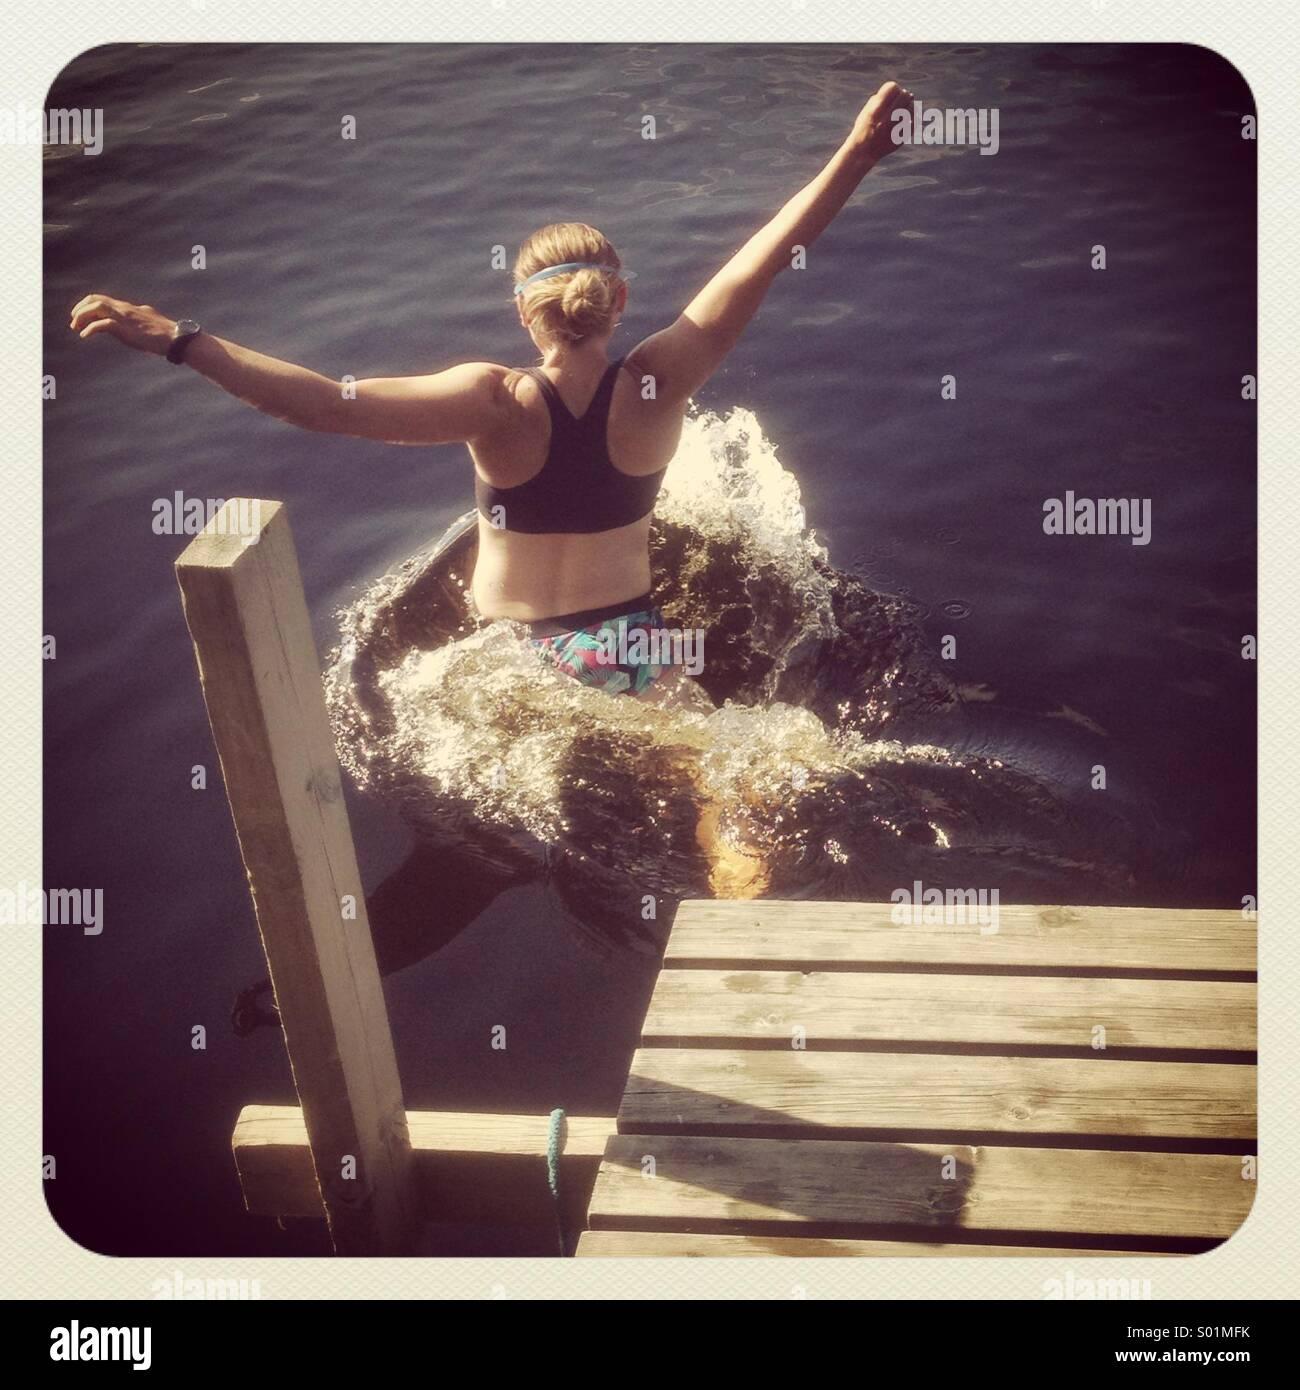 Eine Frau an einem Pier in einen See springen Stockfoto